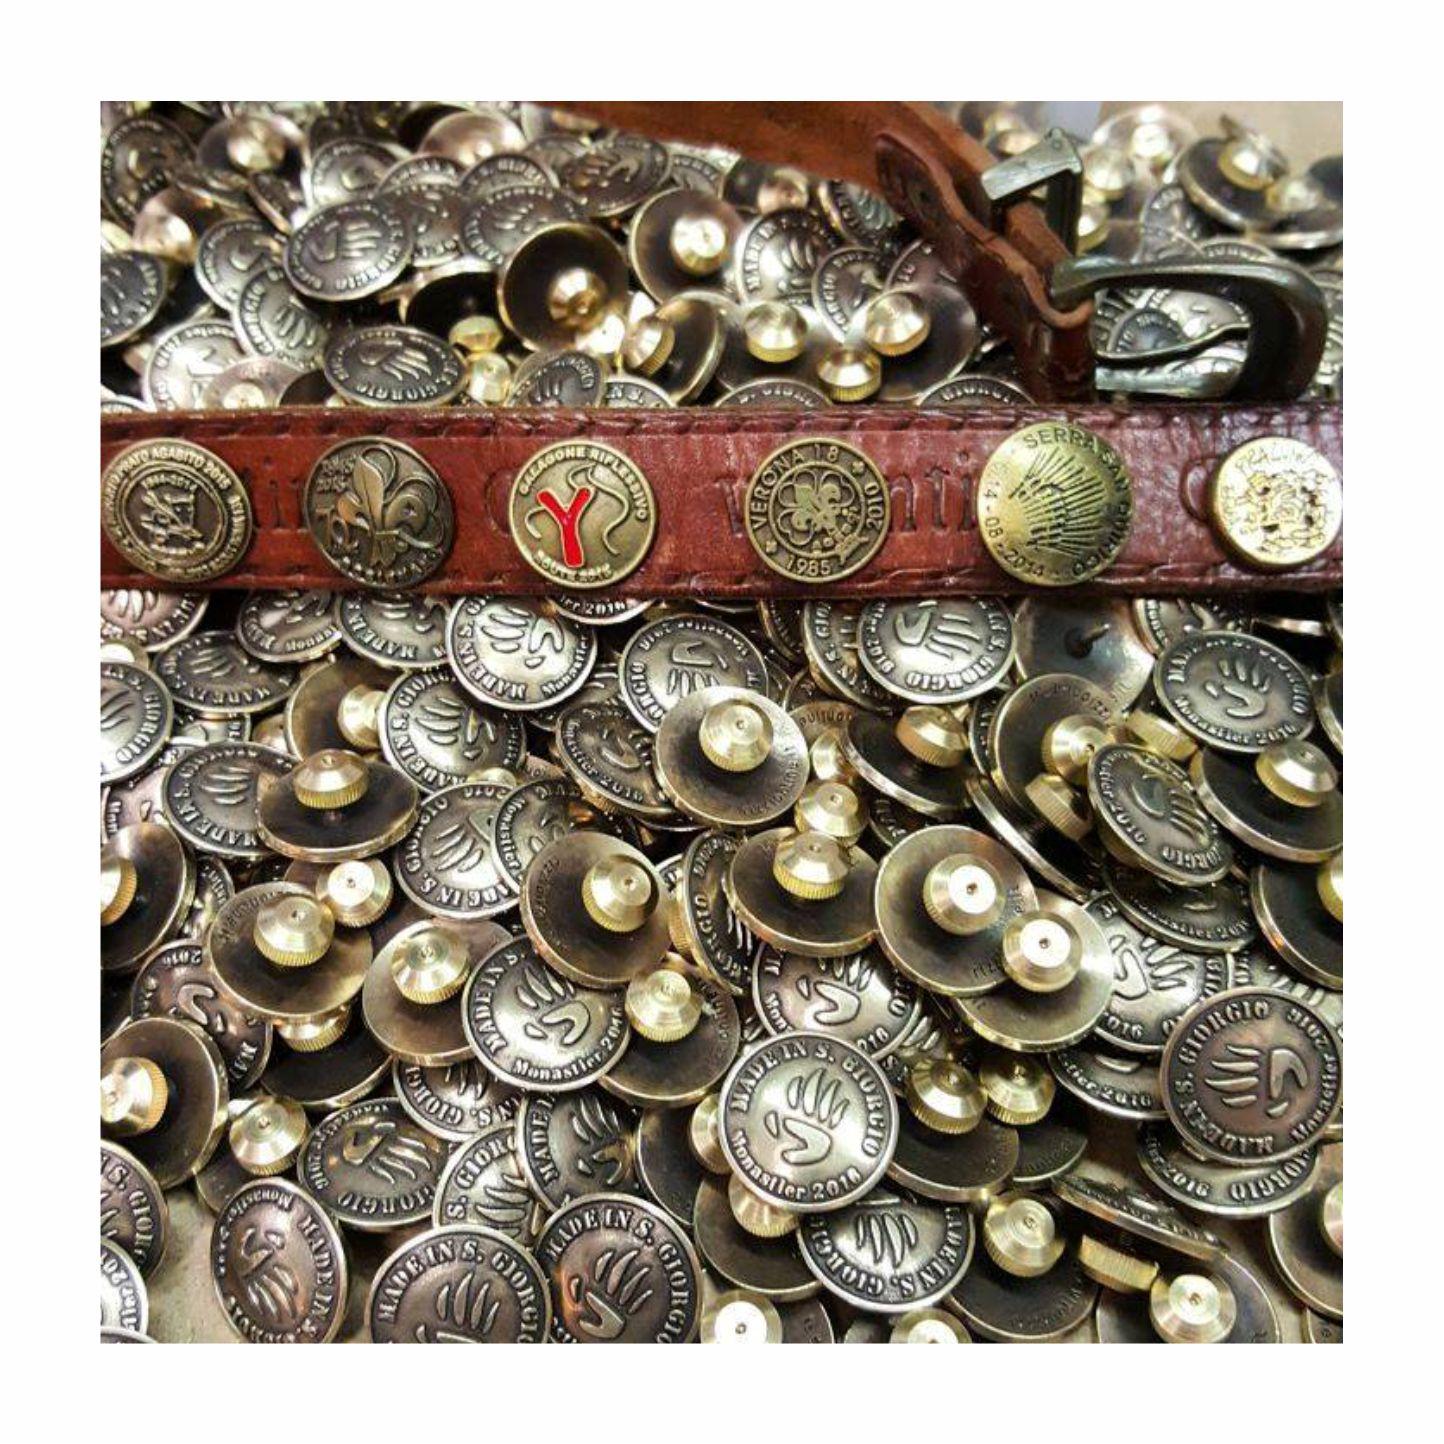 Distintivi per cintura in metallo ottonato ed anticato